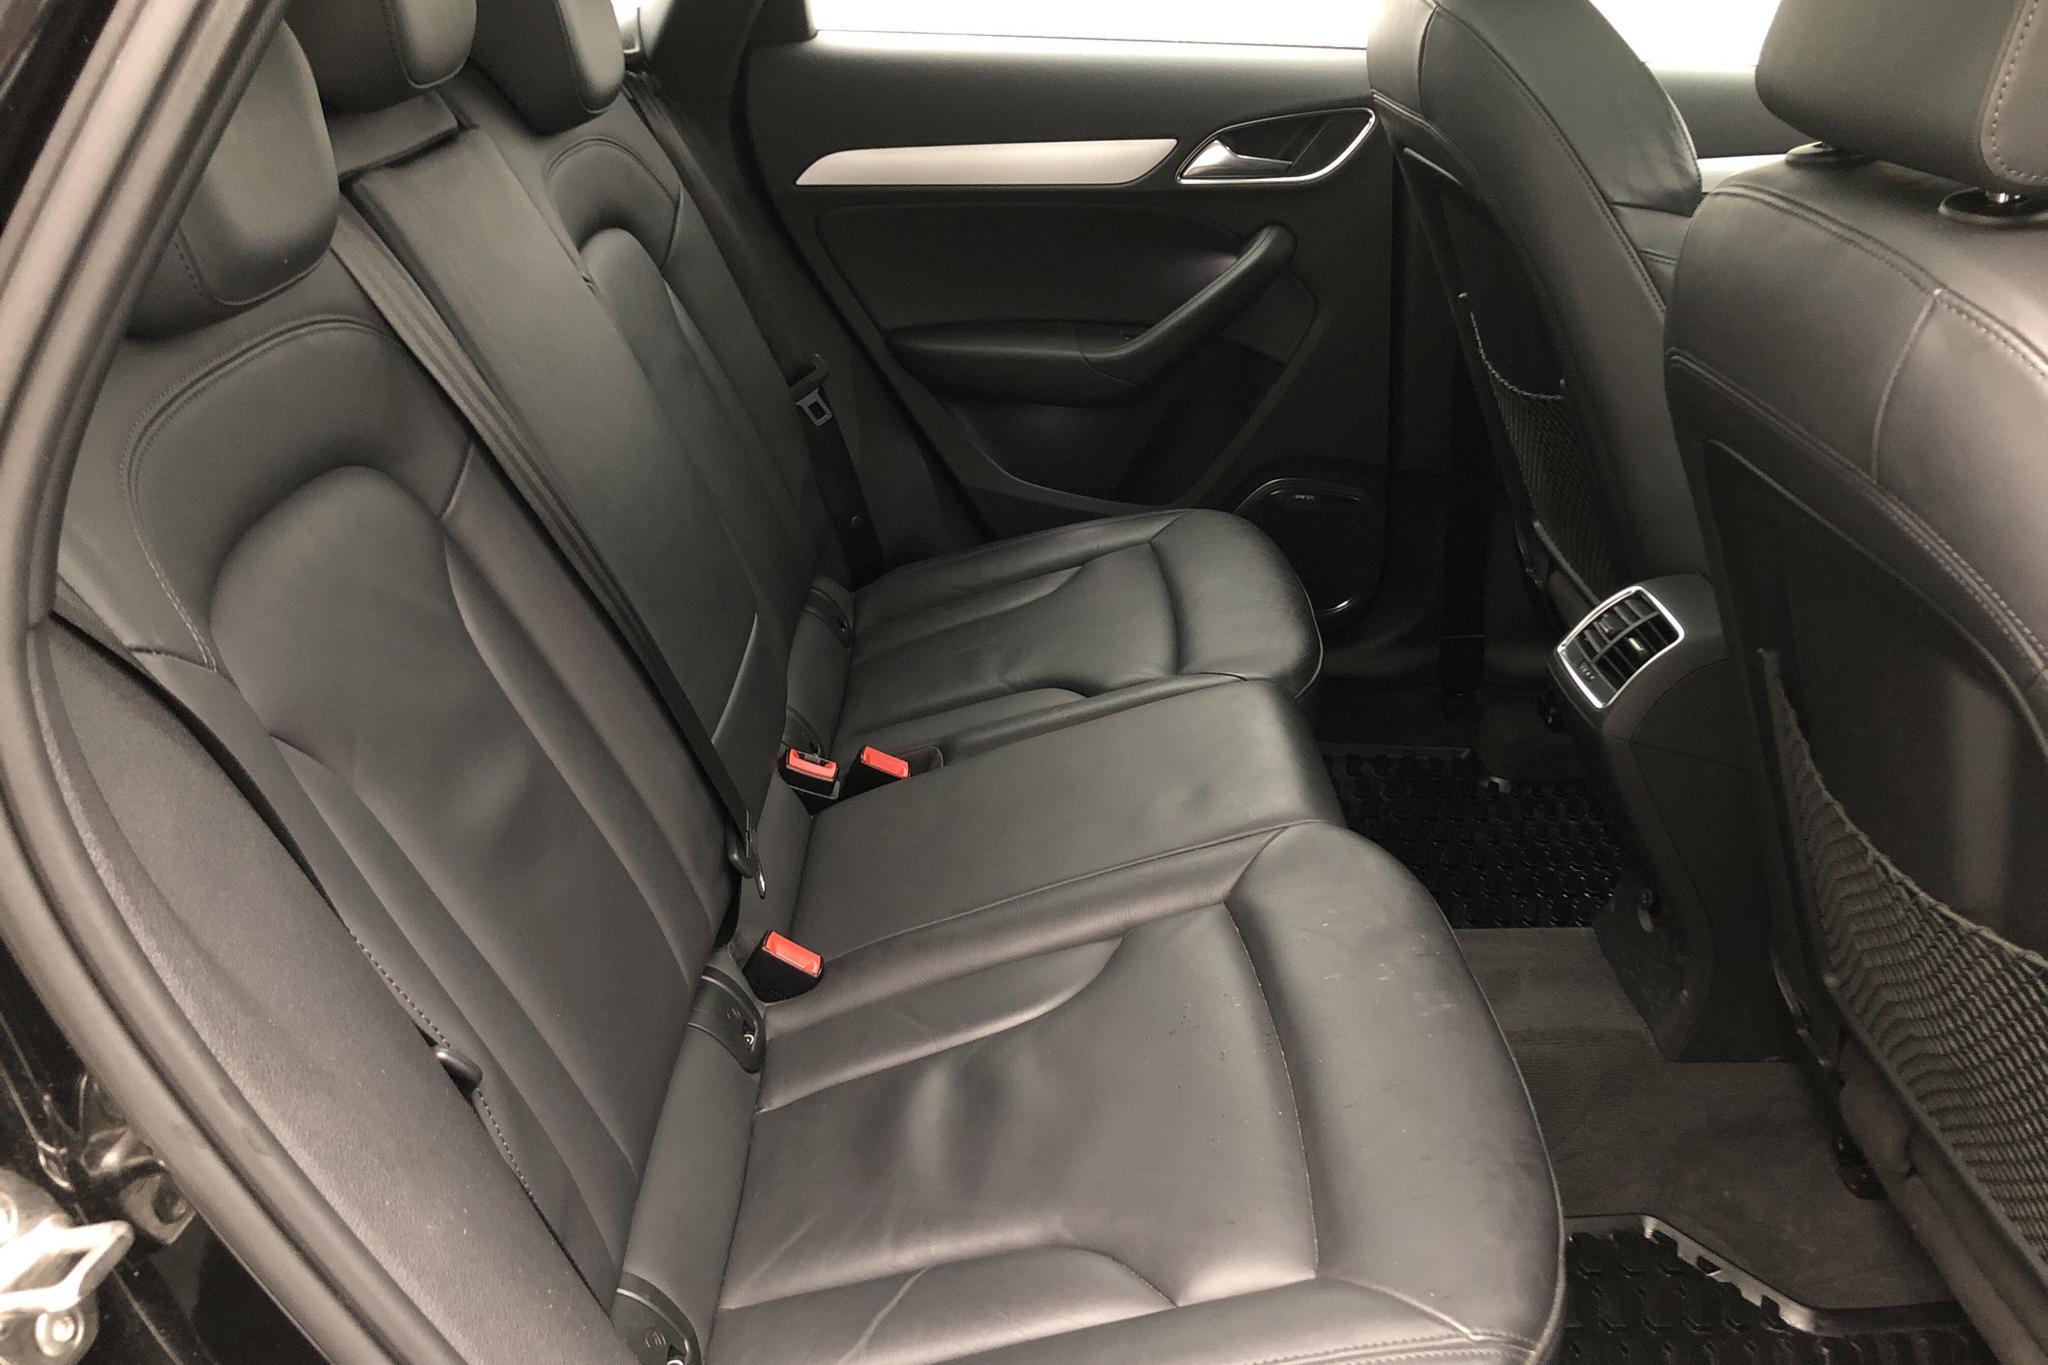 Audi Q3 2.0 TDI quattro (184hk) - 45 010 km - Automatic - black - 2016